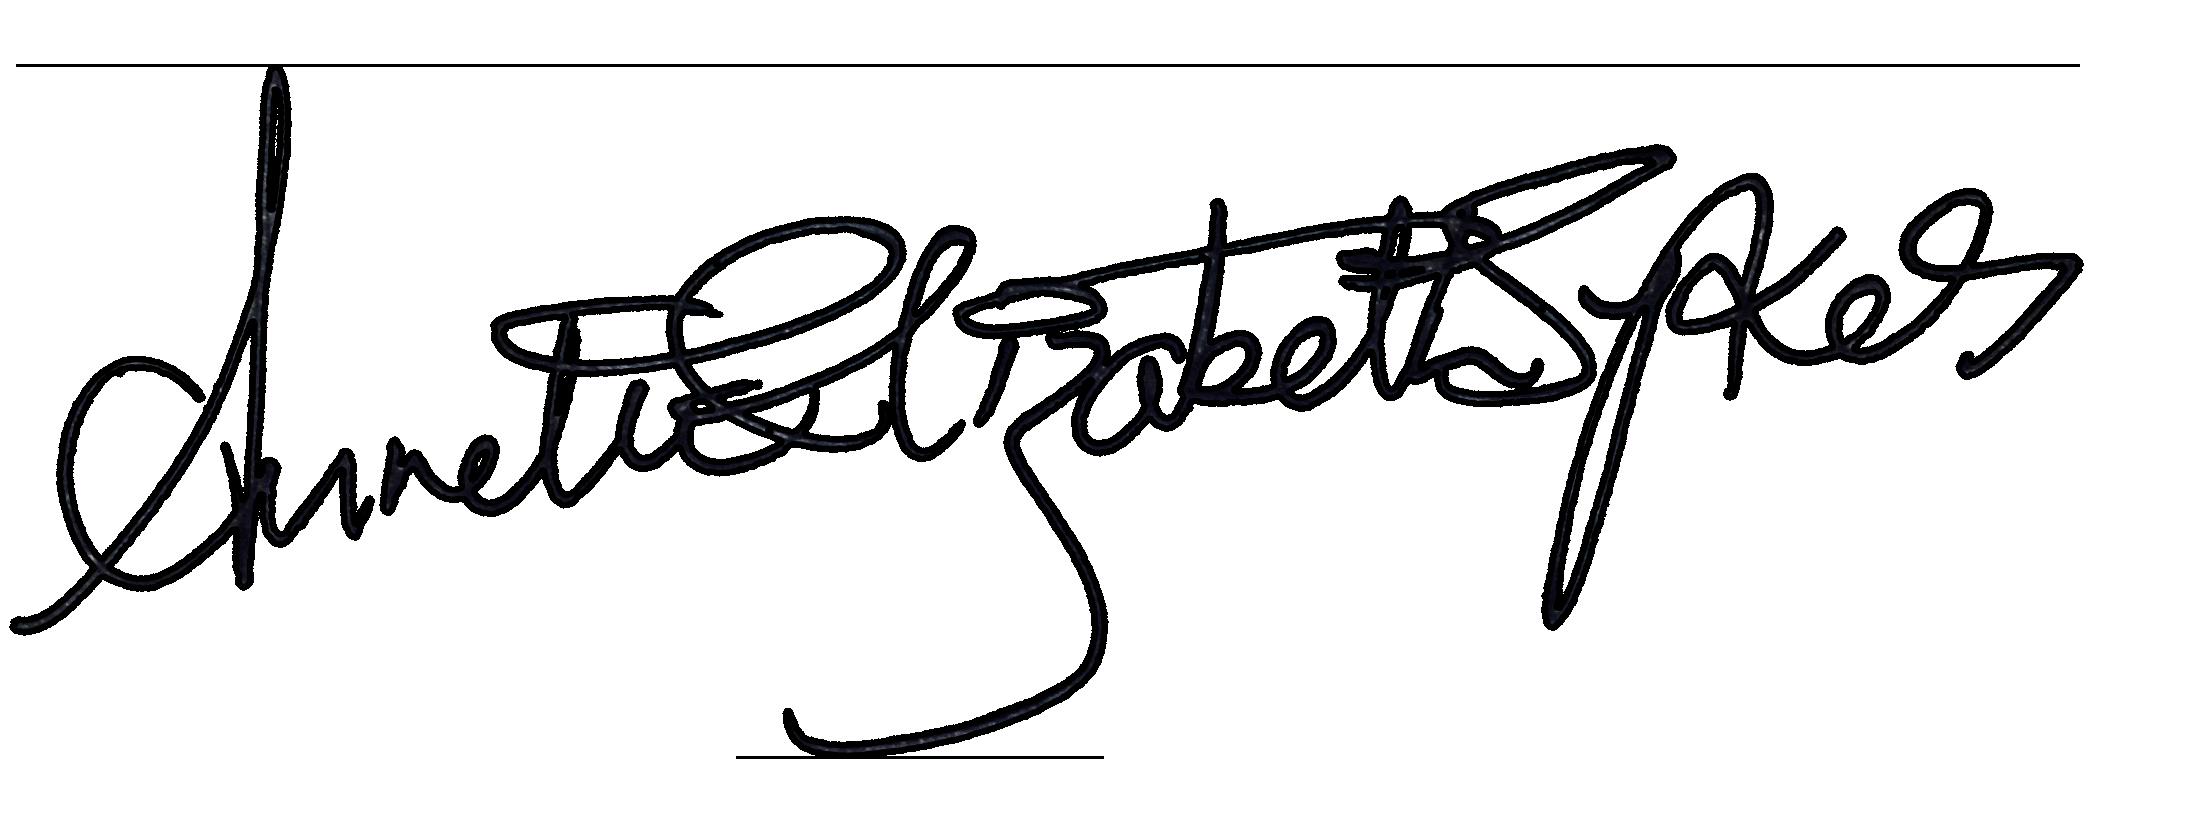 Annette Elizabeth Sykes Signature